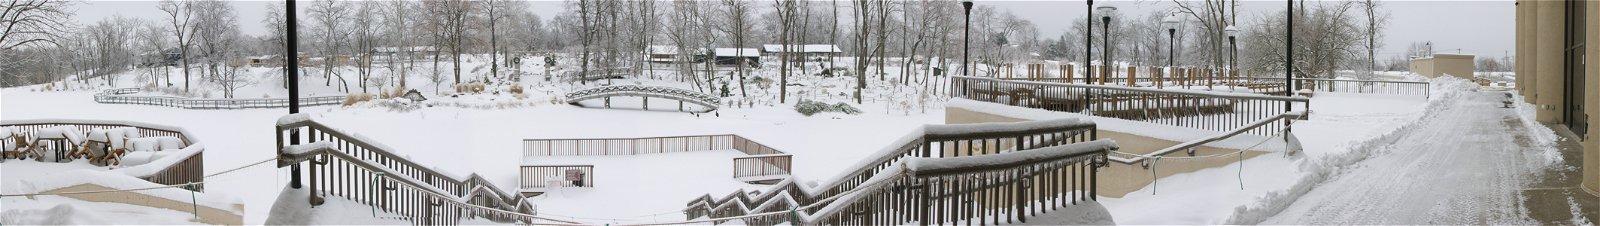 winter-pano-1.jpg